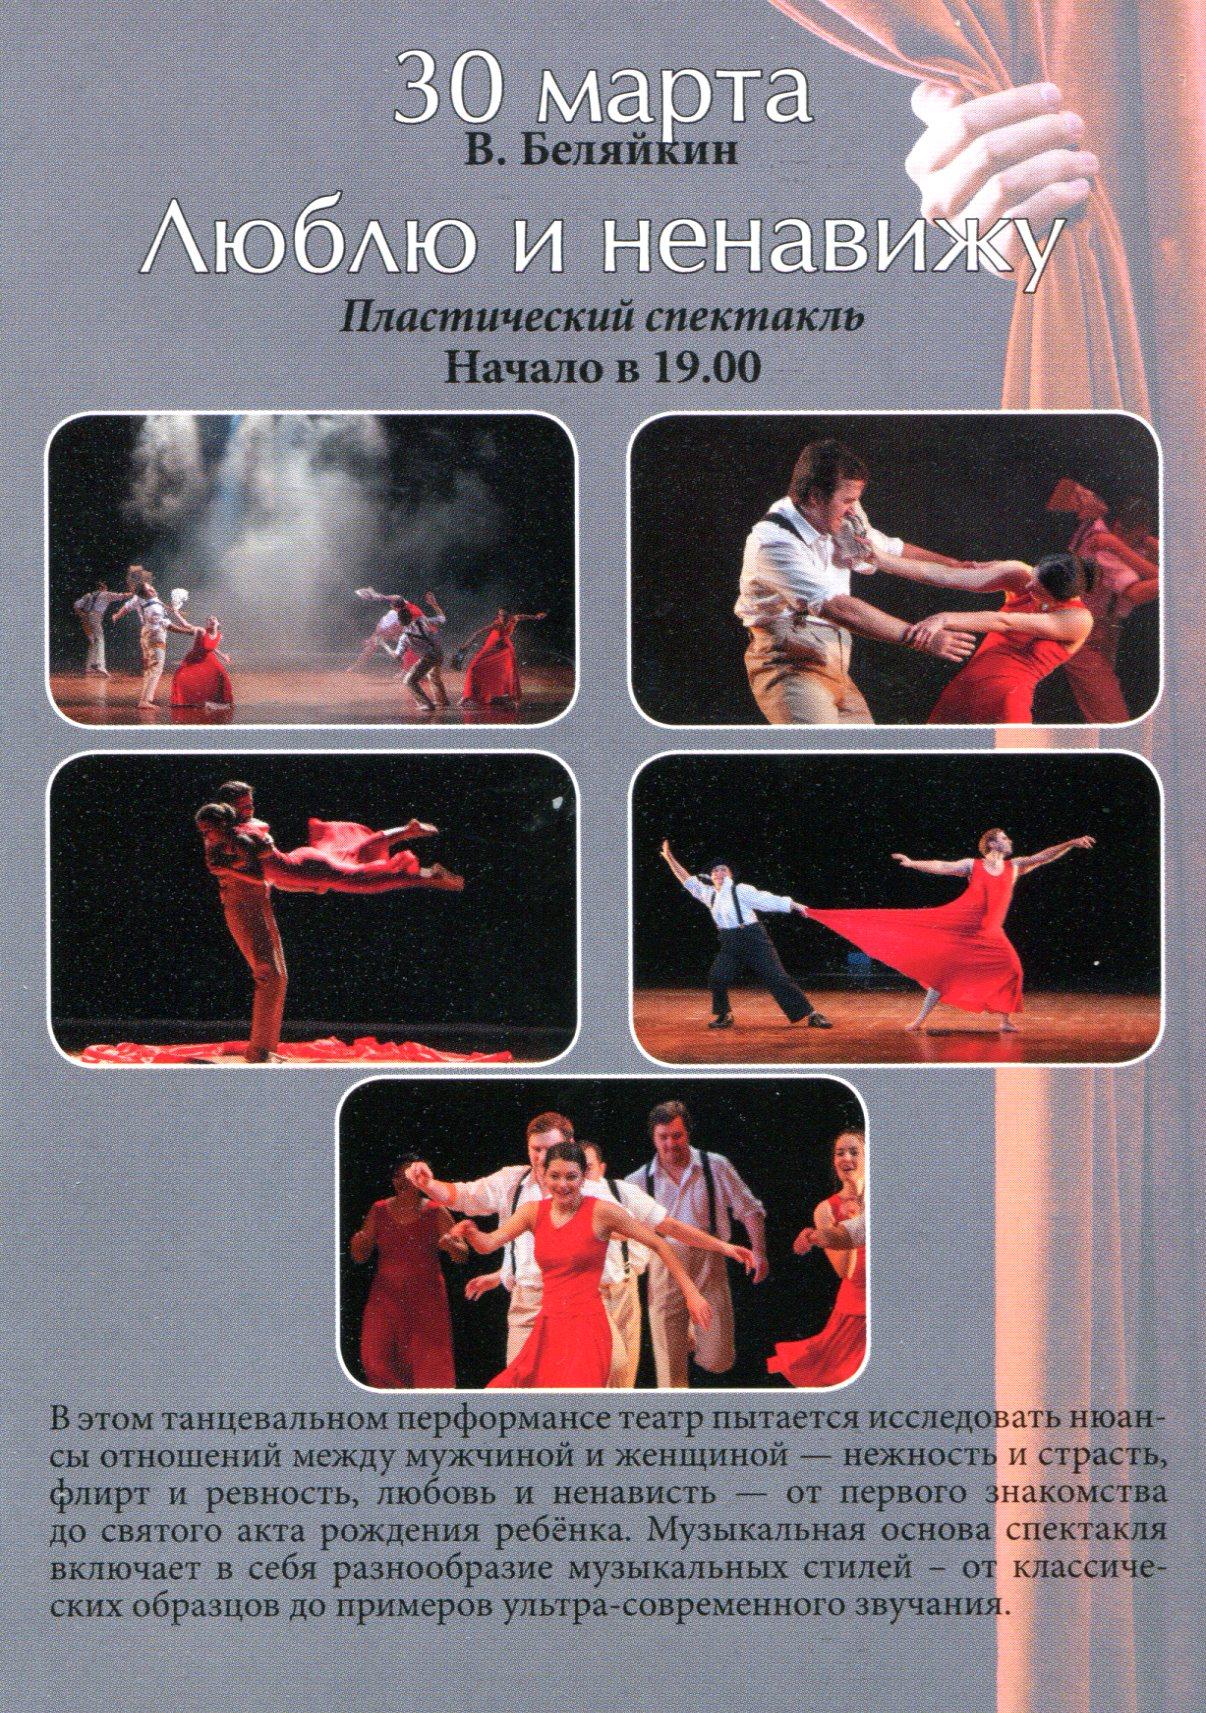 Кинешемский драматический театр - Люблю и ненавижу